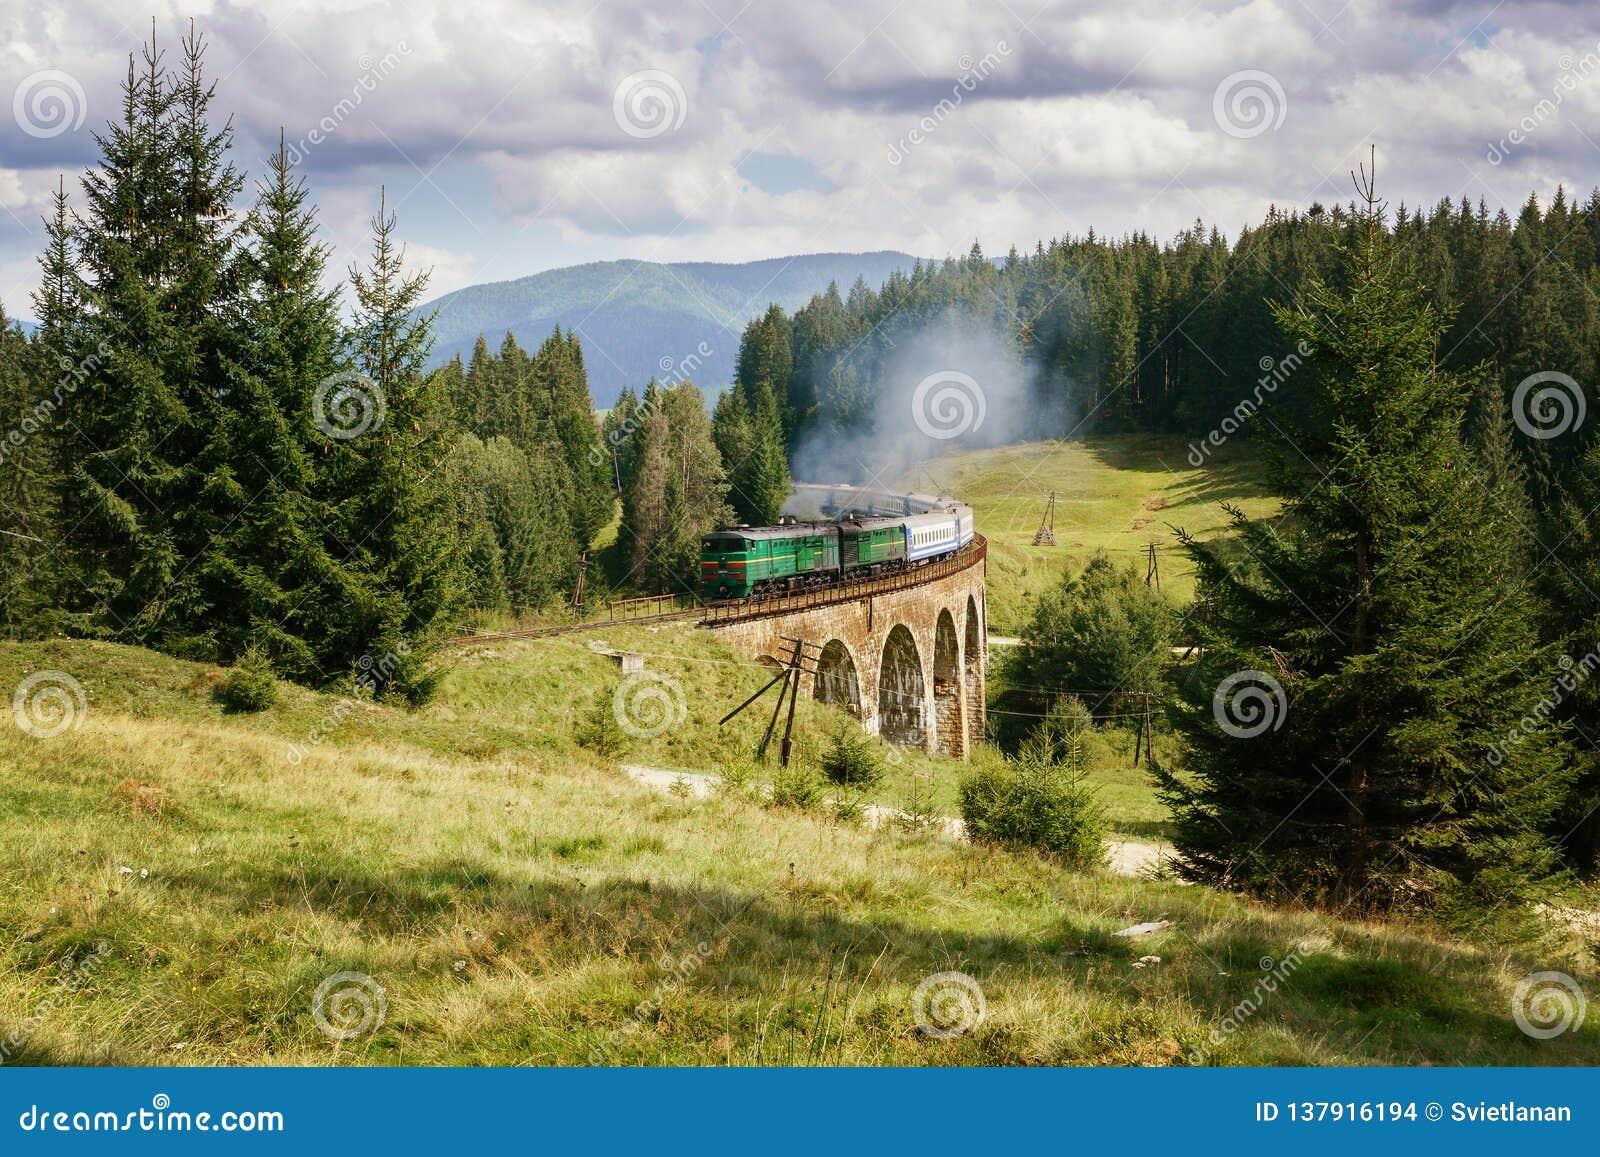 De brug van het spoorwegviaduct in de Oekraïne met de stoomtrein